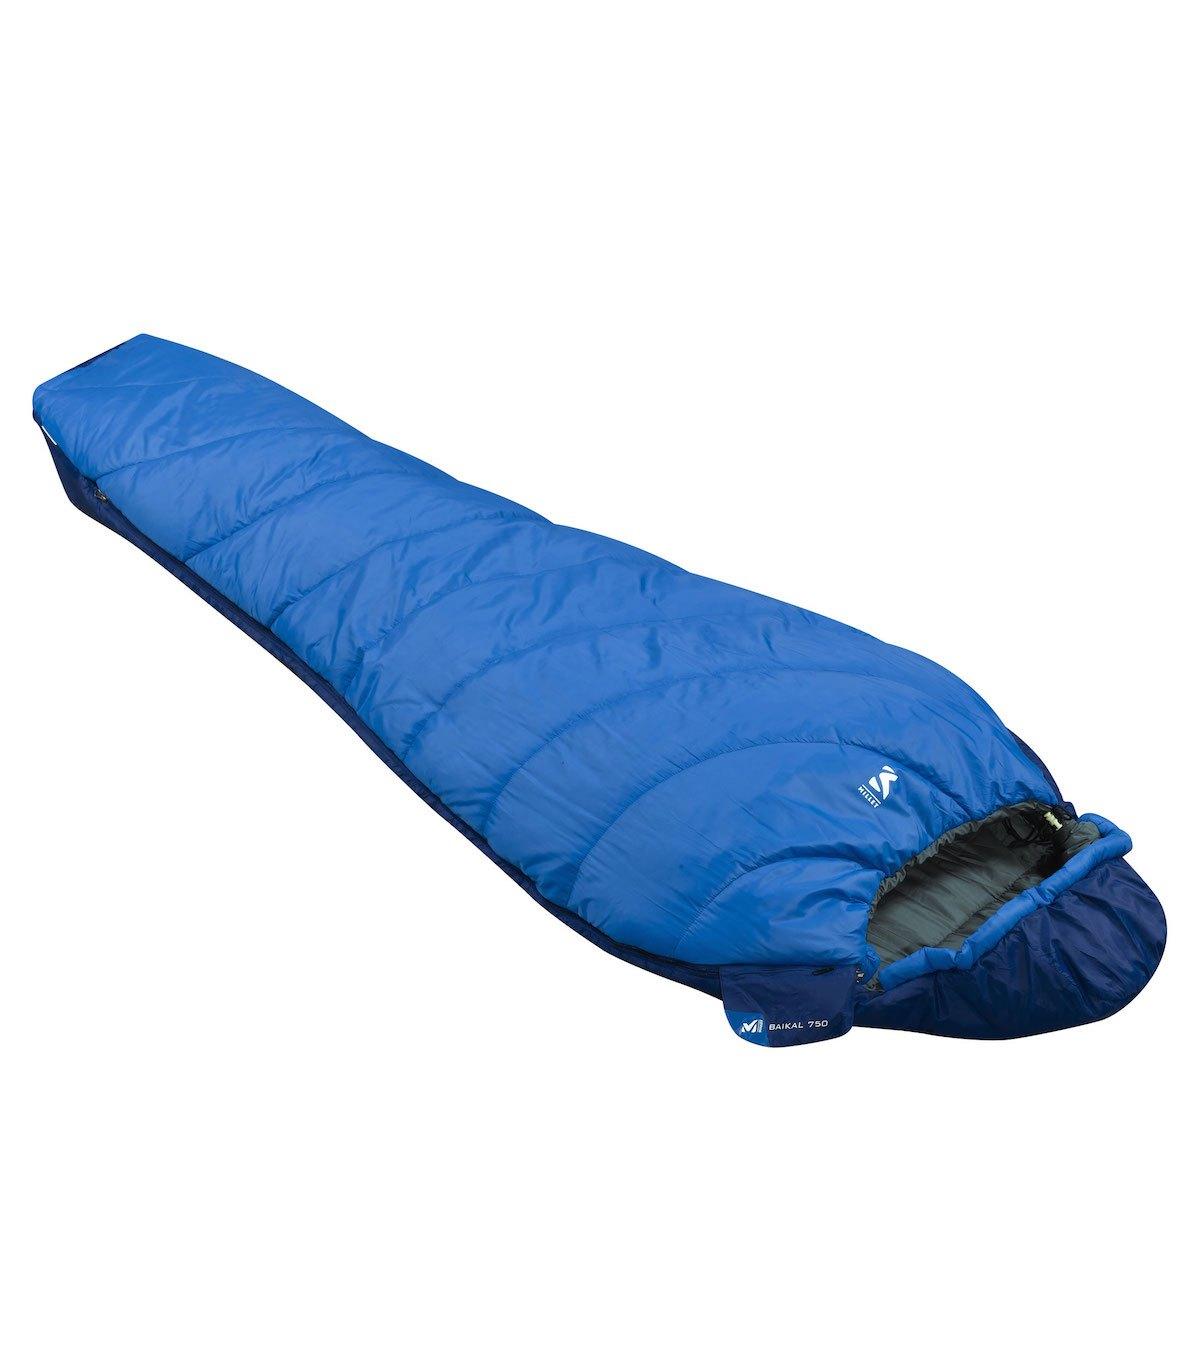 Millet - Baikal 750 Long - Sleeping bag